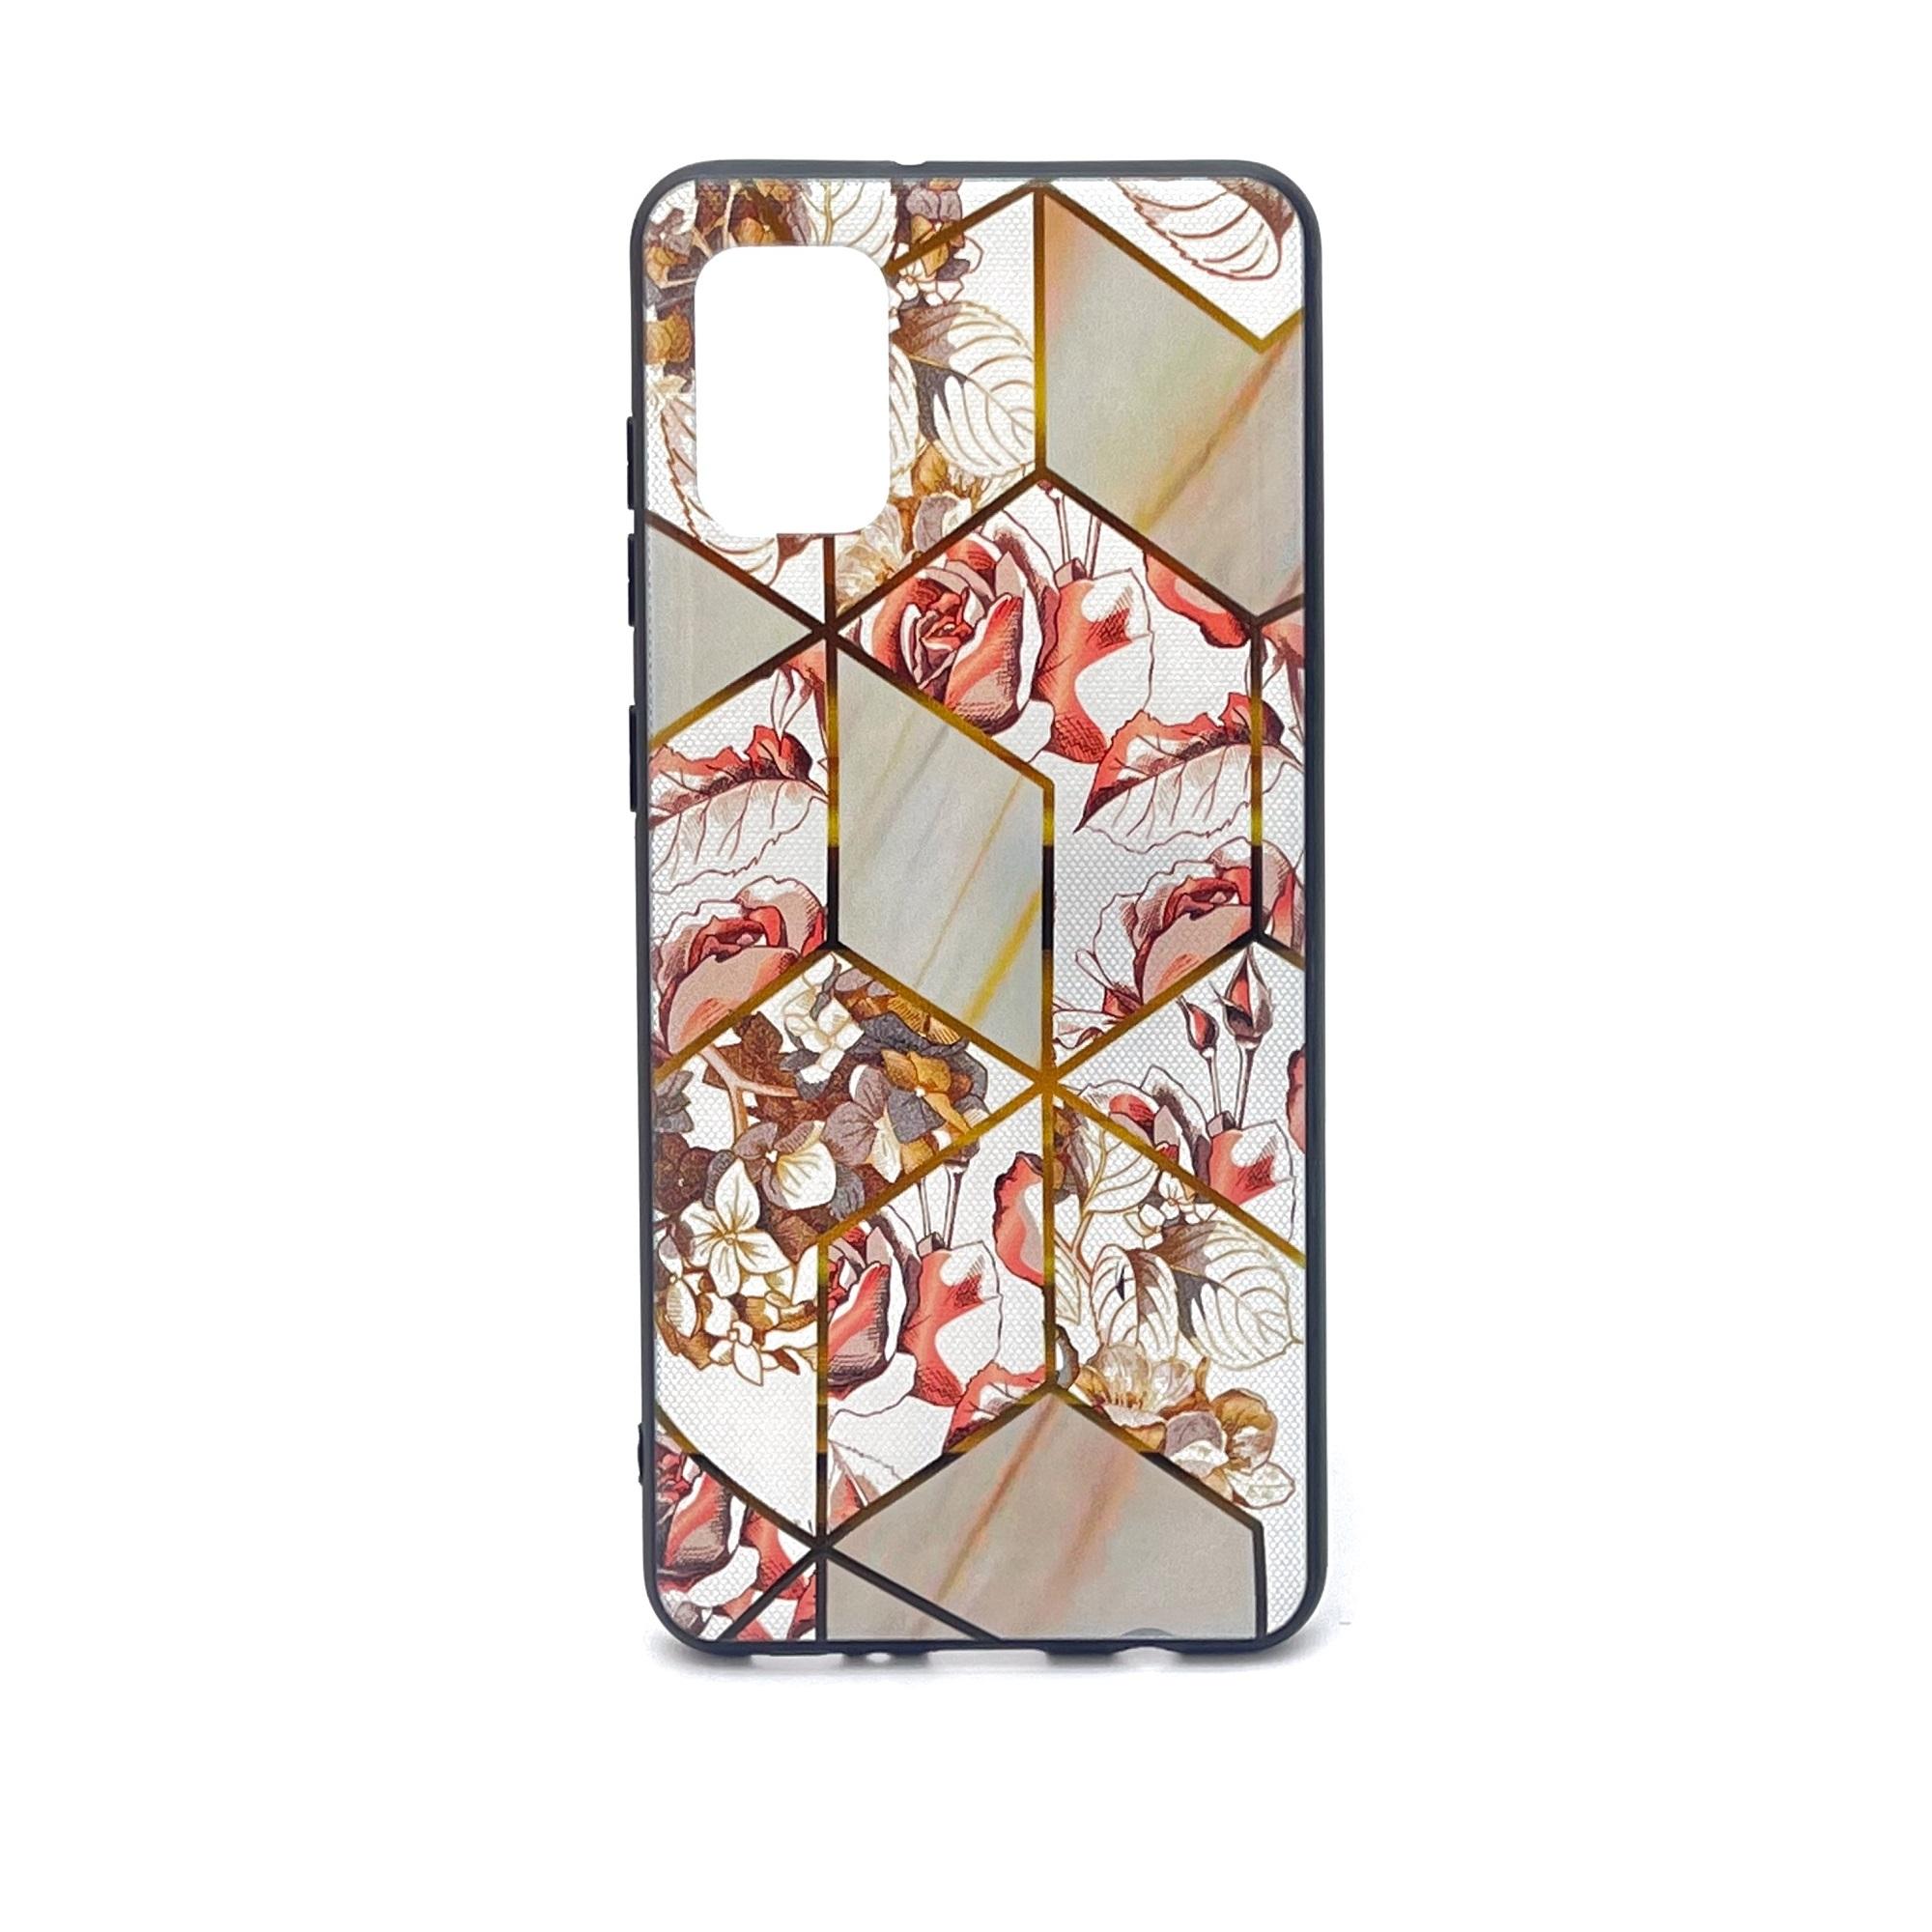 کاور کد a31-8 مناسب برای گوشی موبایل سامسونگ Galaxy A31